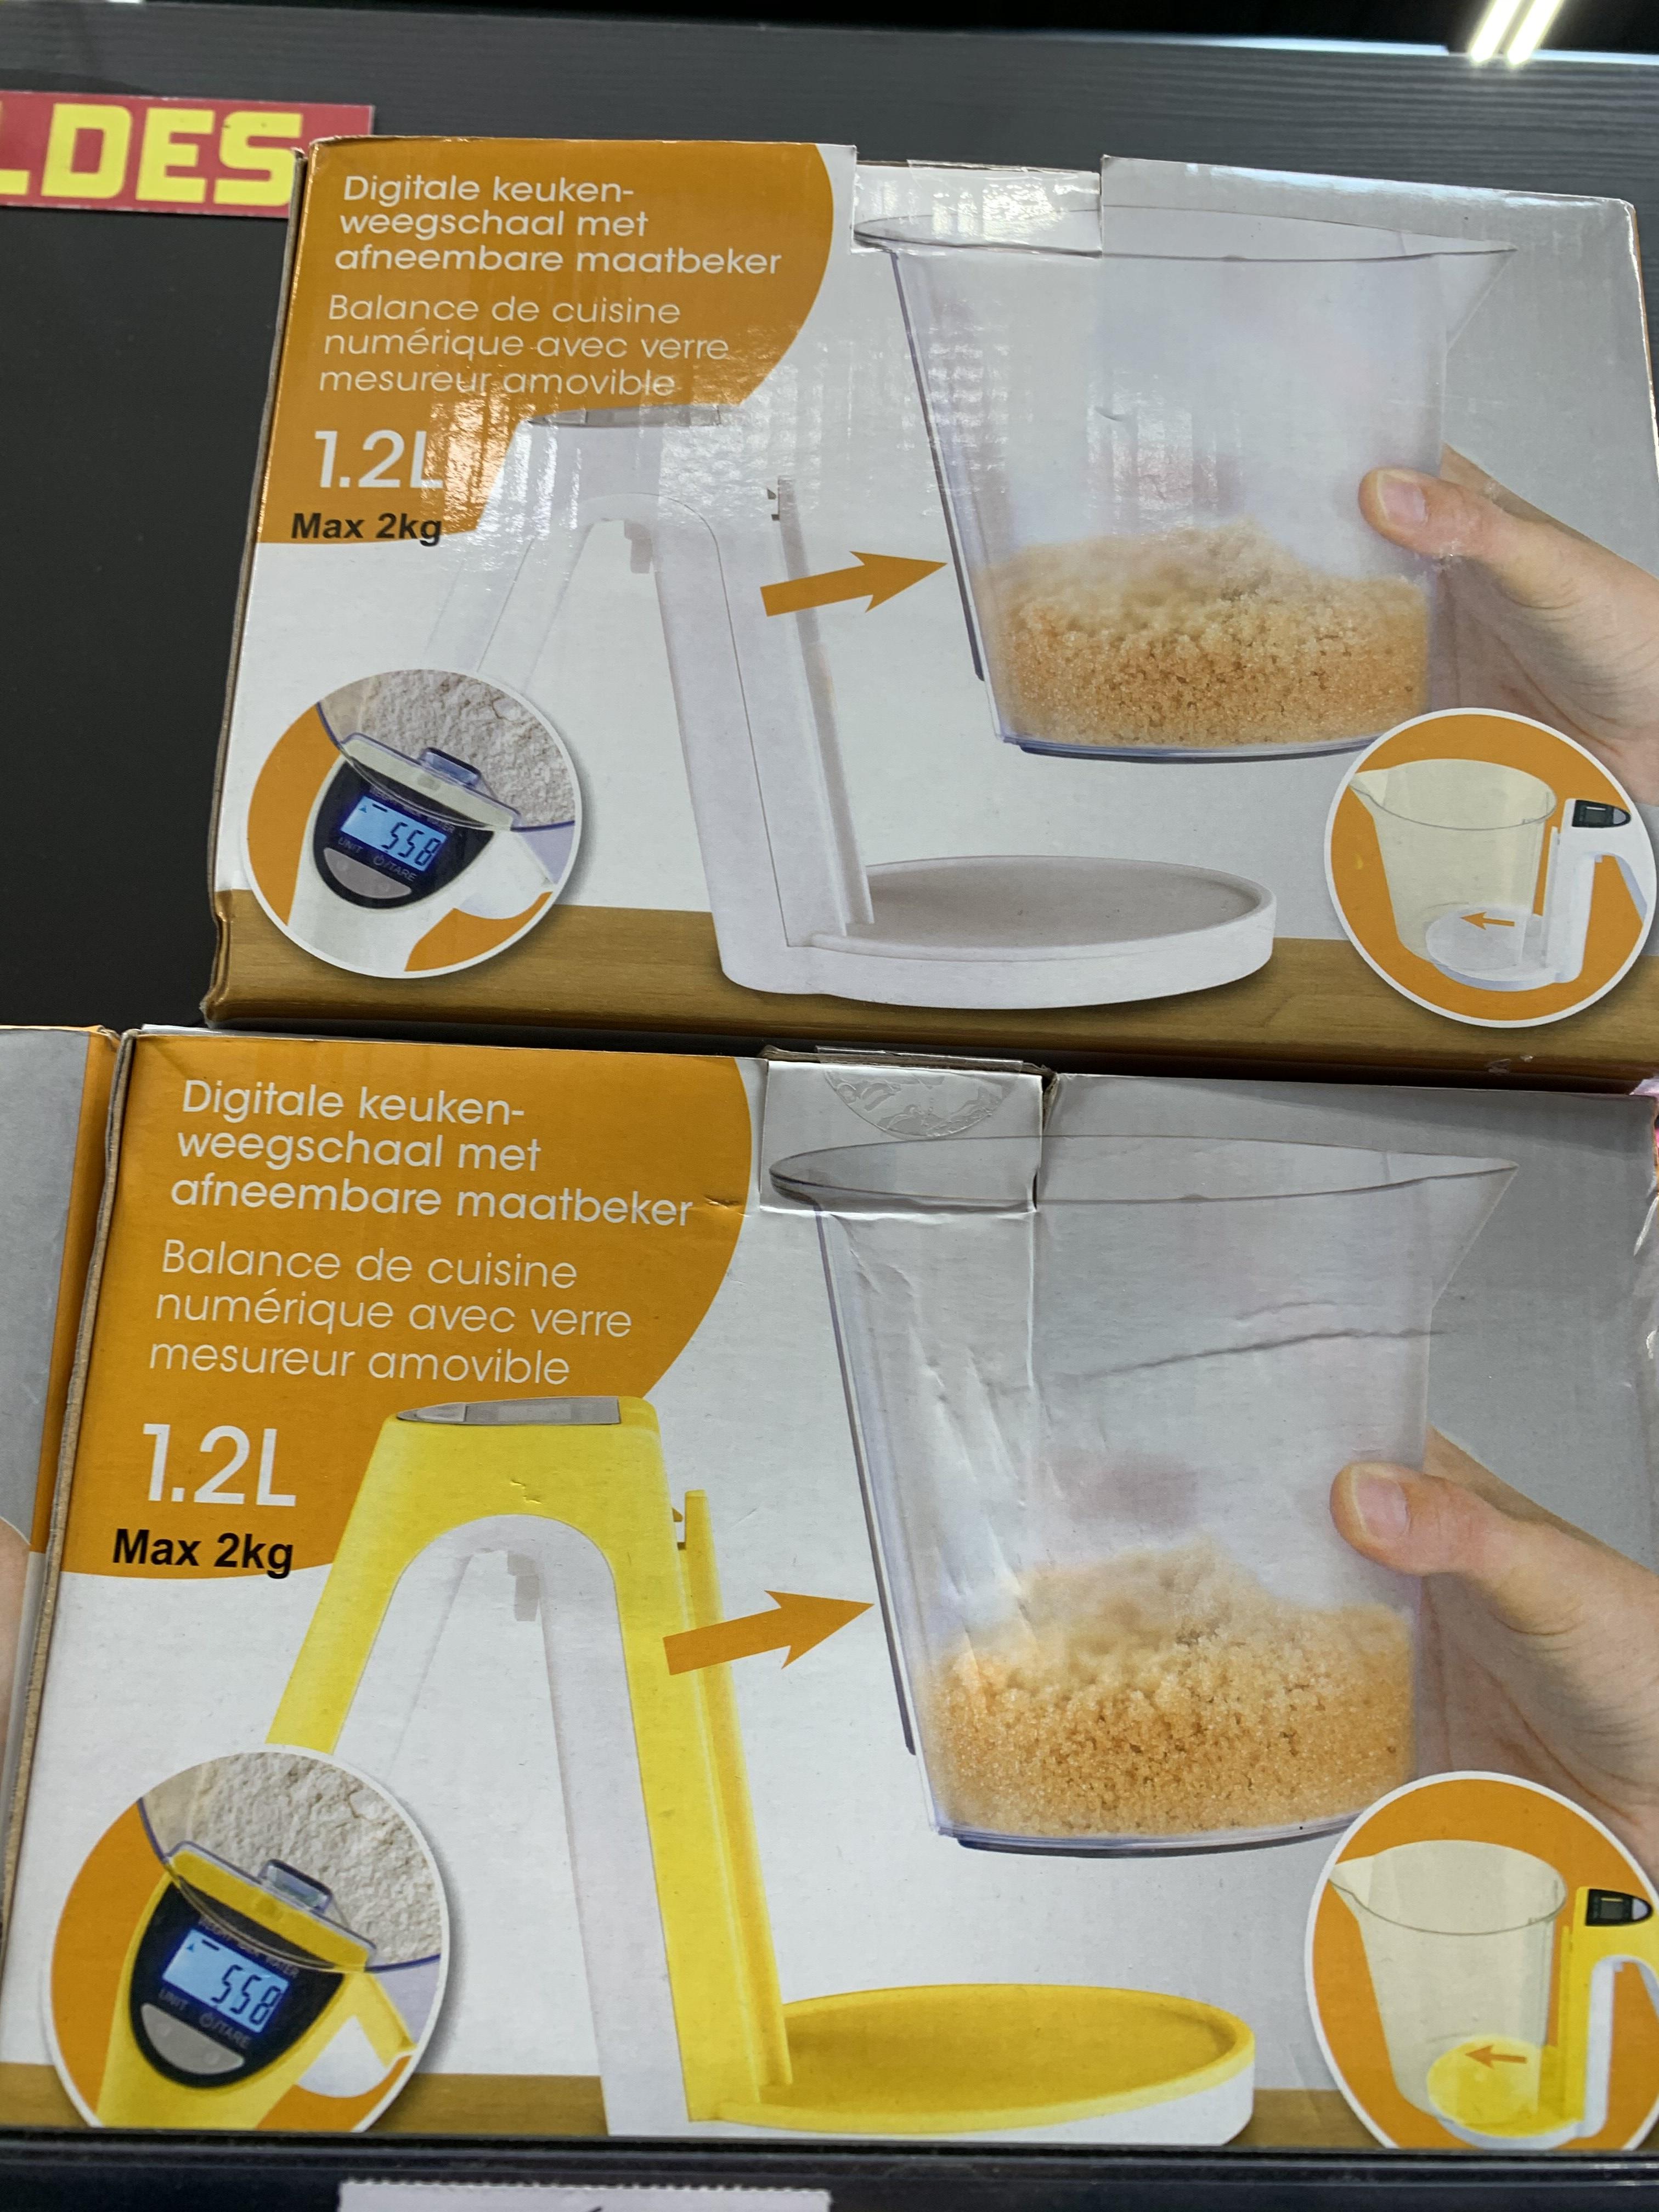 Balance de cuisine numerique avec verre doseur 1,2L. Piles fournies - Fontenay le Comte (85)